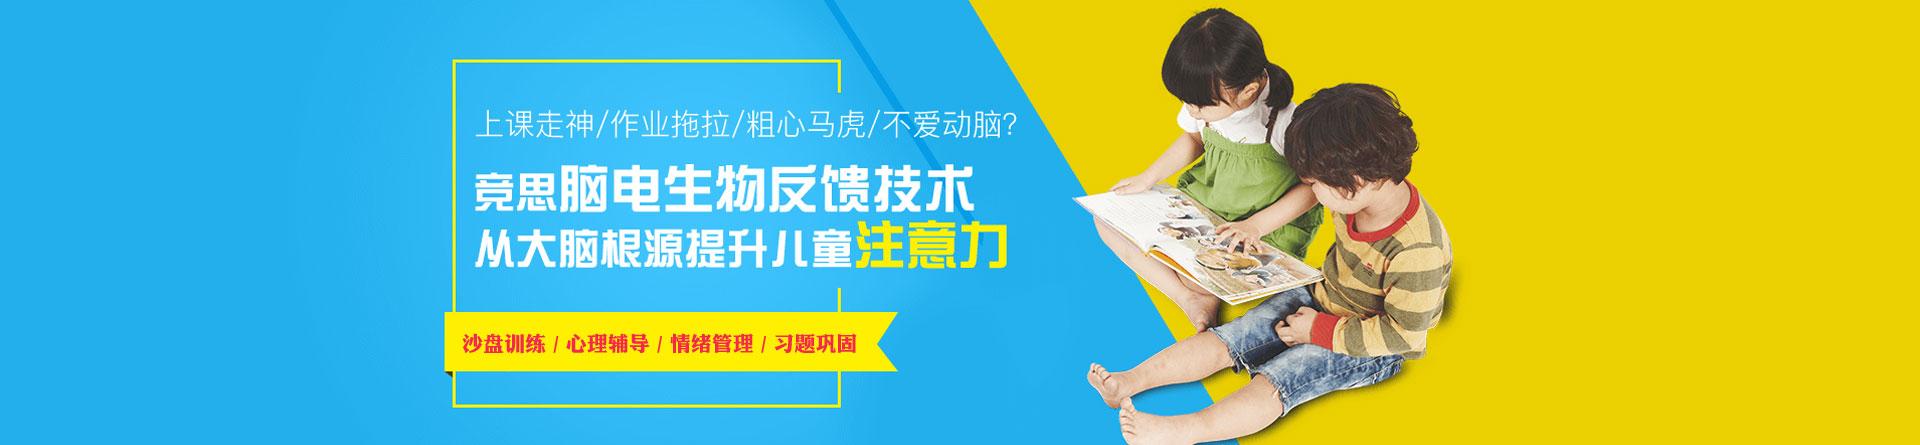 杭州竞思注意力训练培训学校